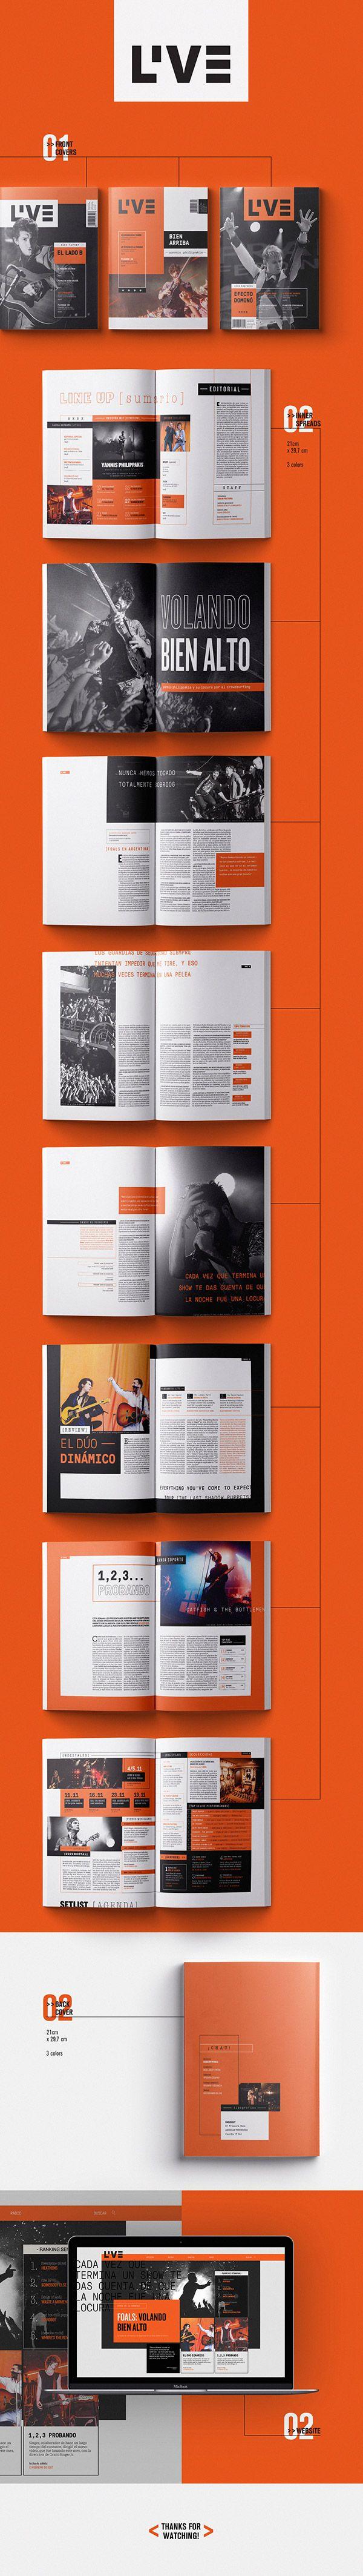 Trabajo realizado para Tipografía II Cosgaya 2016, que consiste en el diseño de una revista de creación propia. Al proyecto original se le agregó posteriormente una web que lo acompaña.